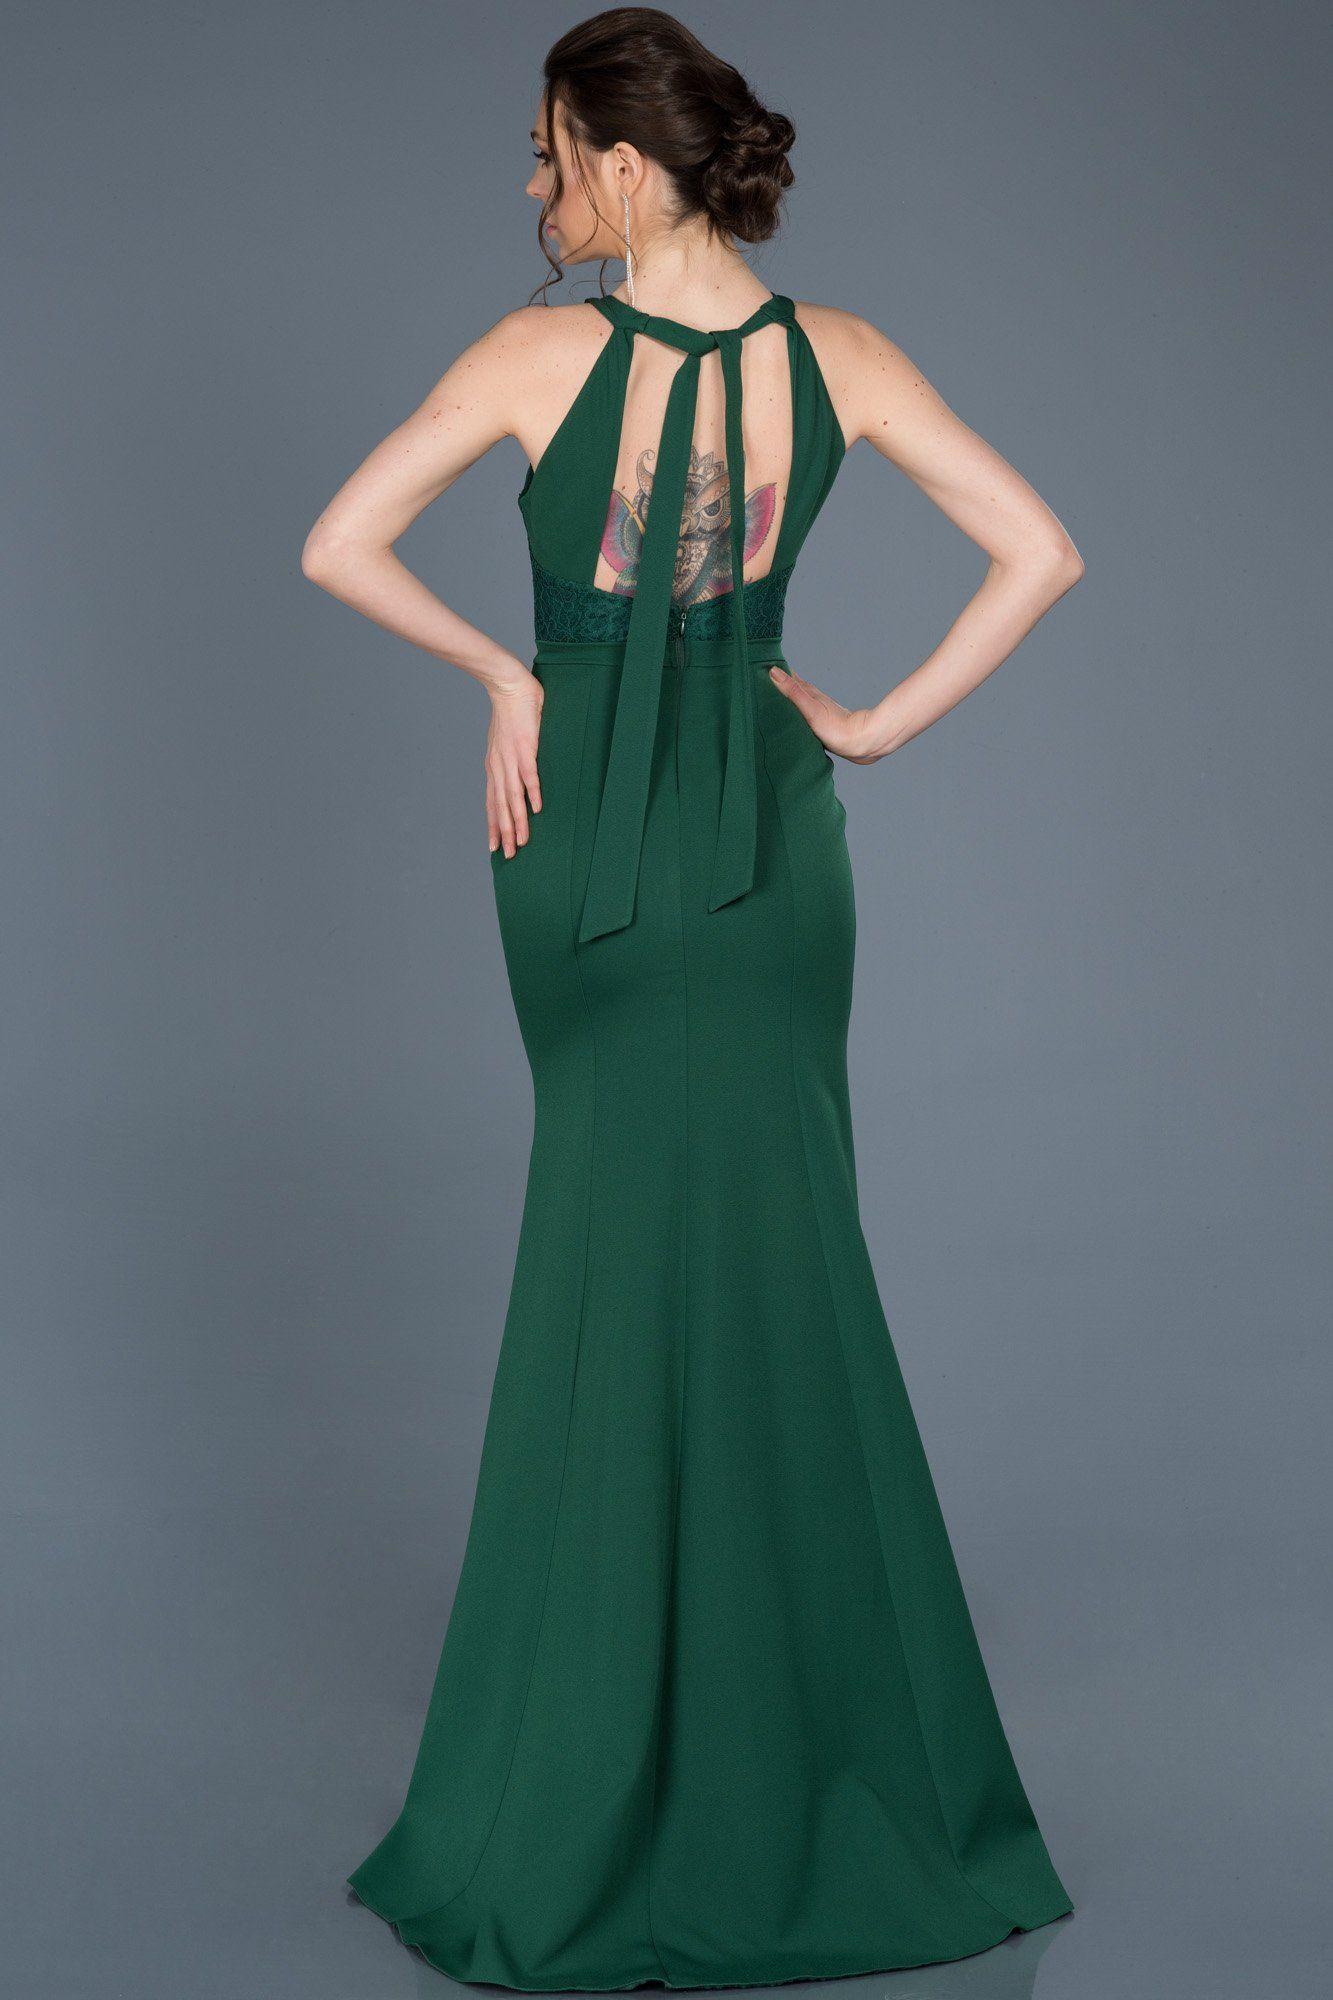 Elie Saab 2013 2014 Sonbahar Kis Couture Koleksiyonu Gleam Fashion Moda Ve Kisisel Blog Elbise Modelleri Elbise Elie Saab